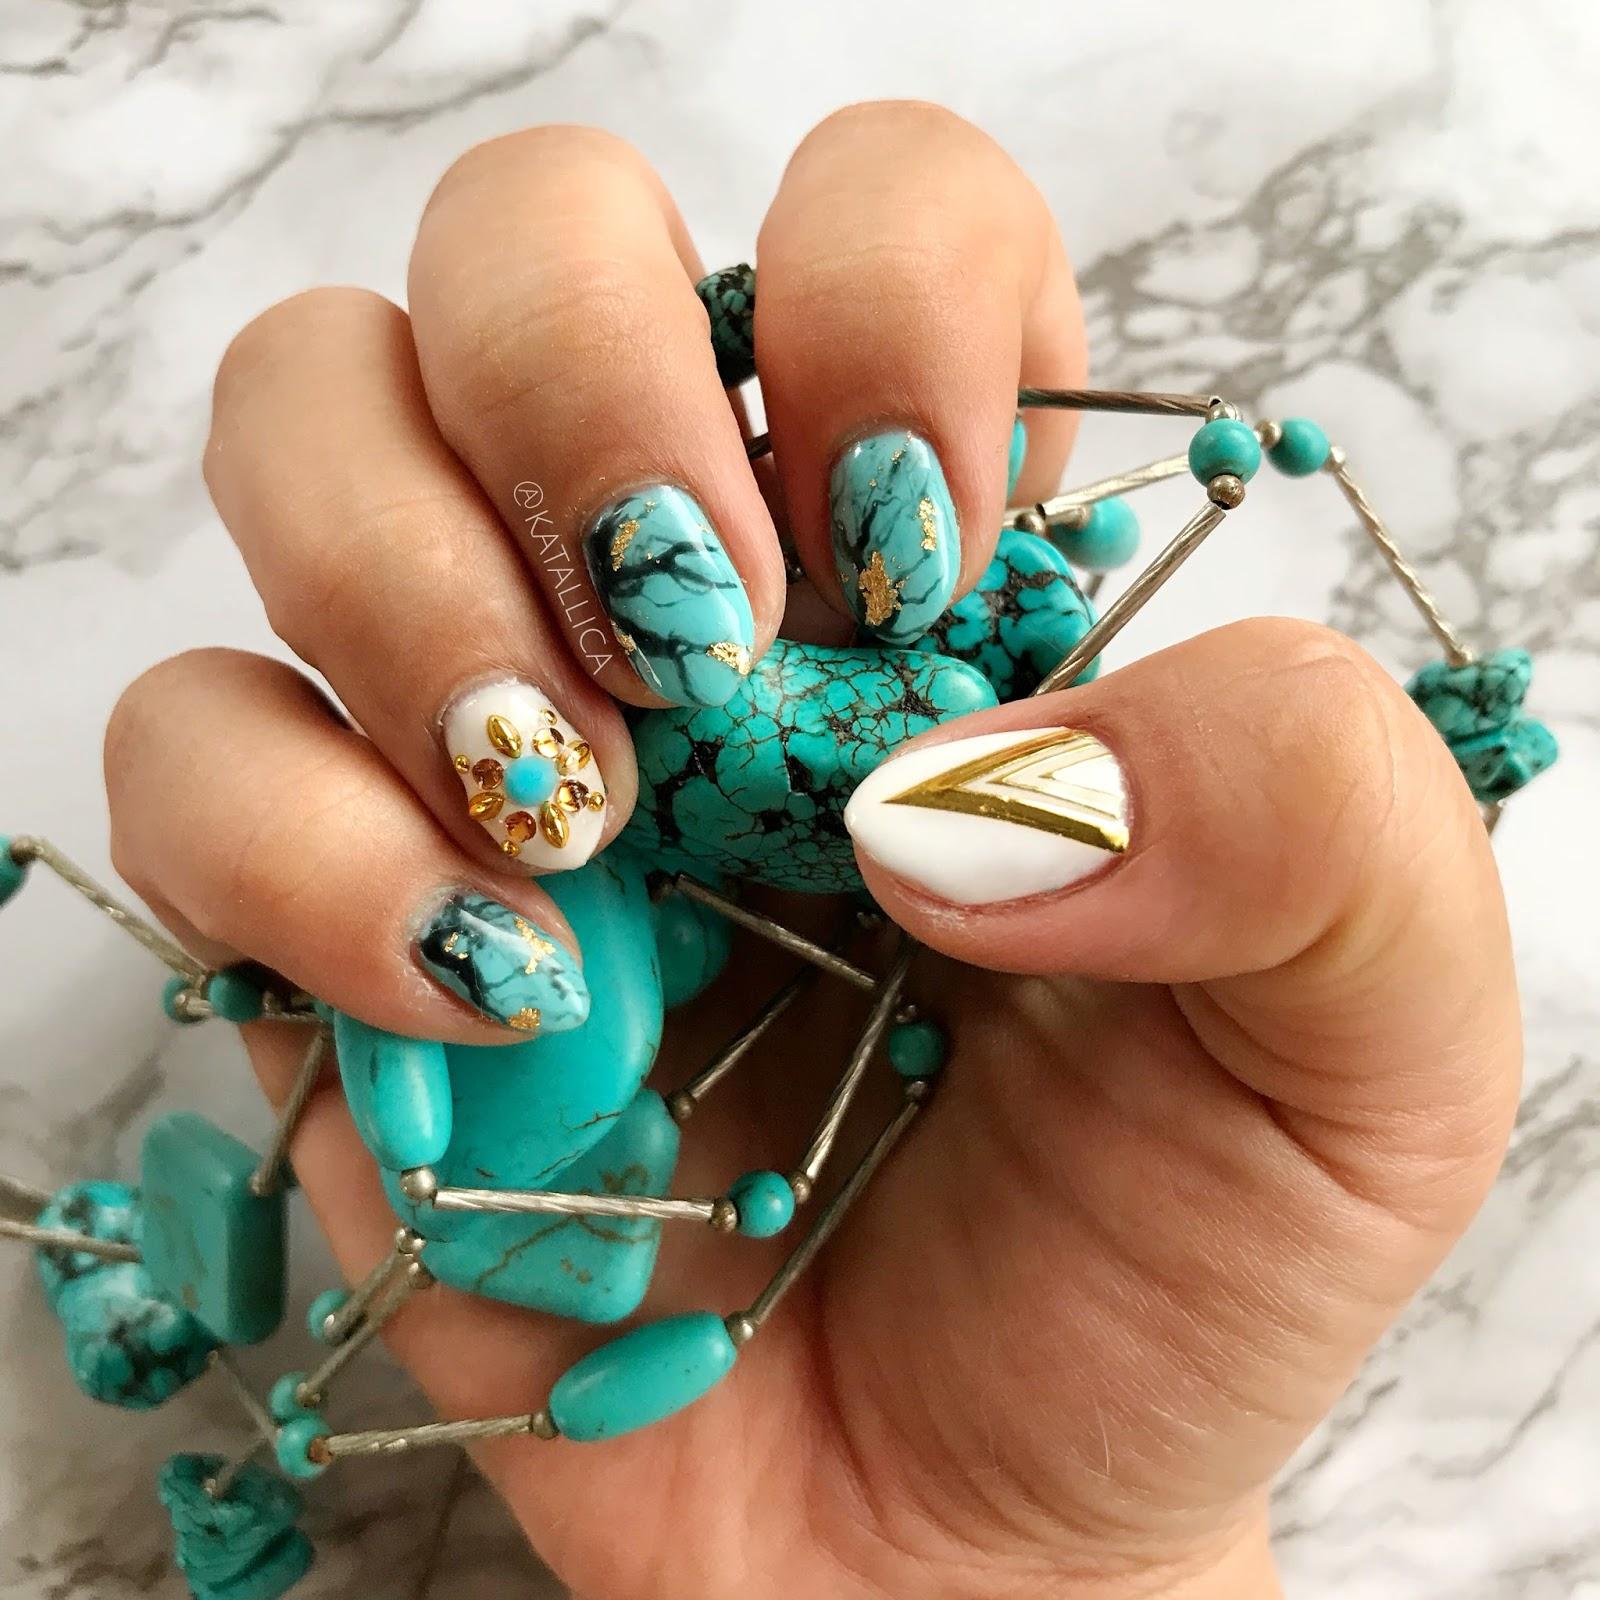 This Weeks Nails: Turquoise - Kawaii Kauaian